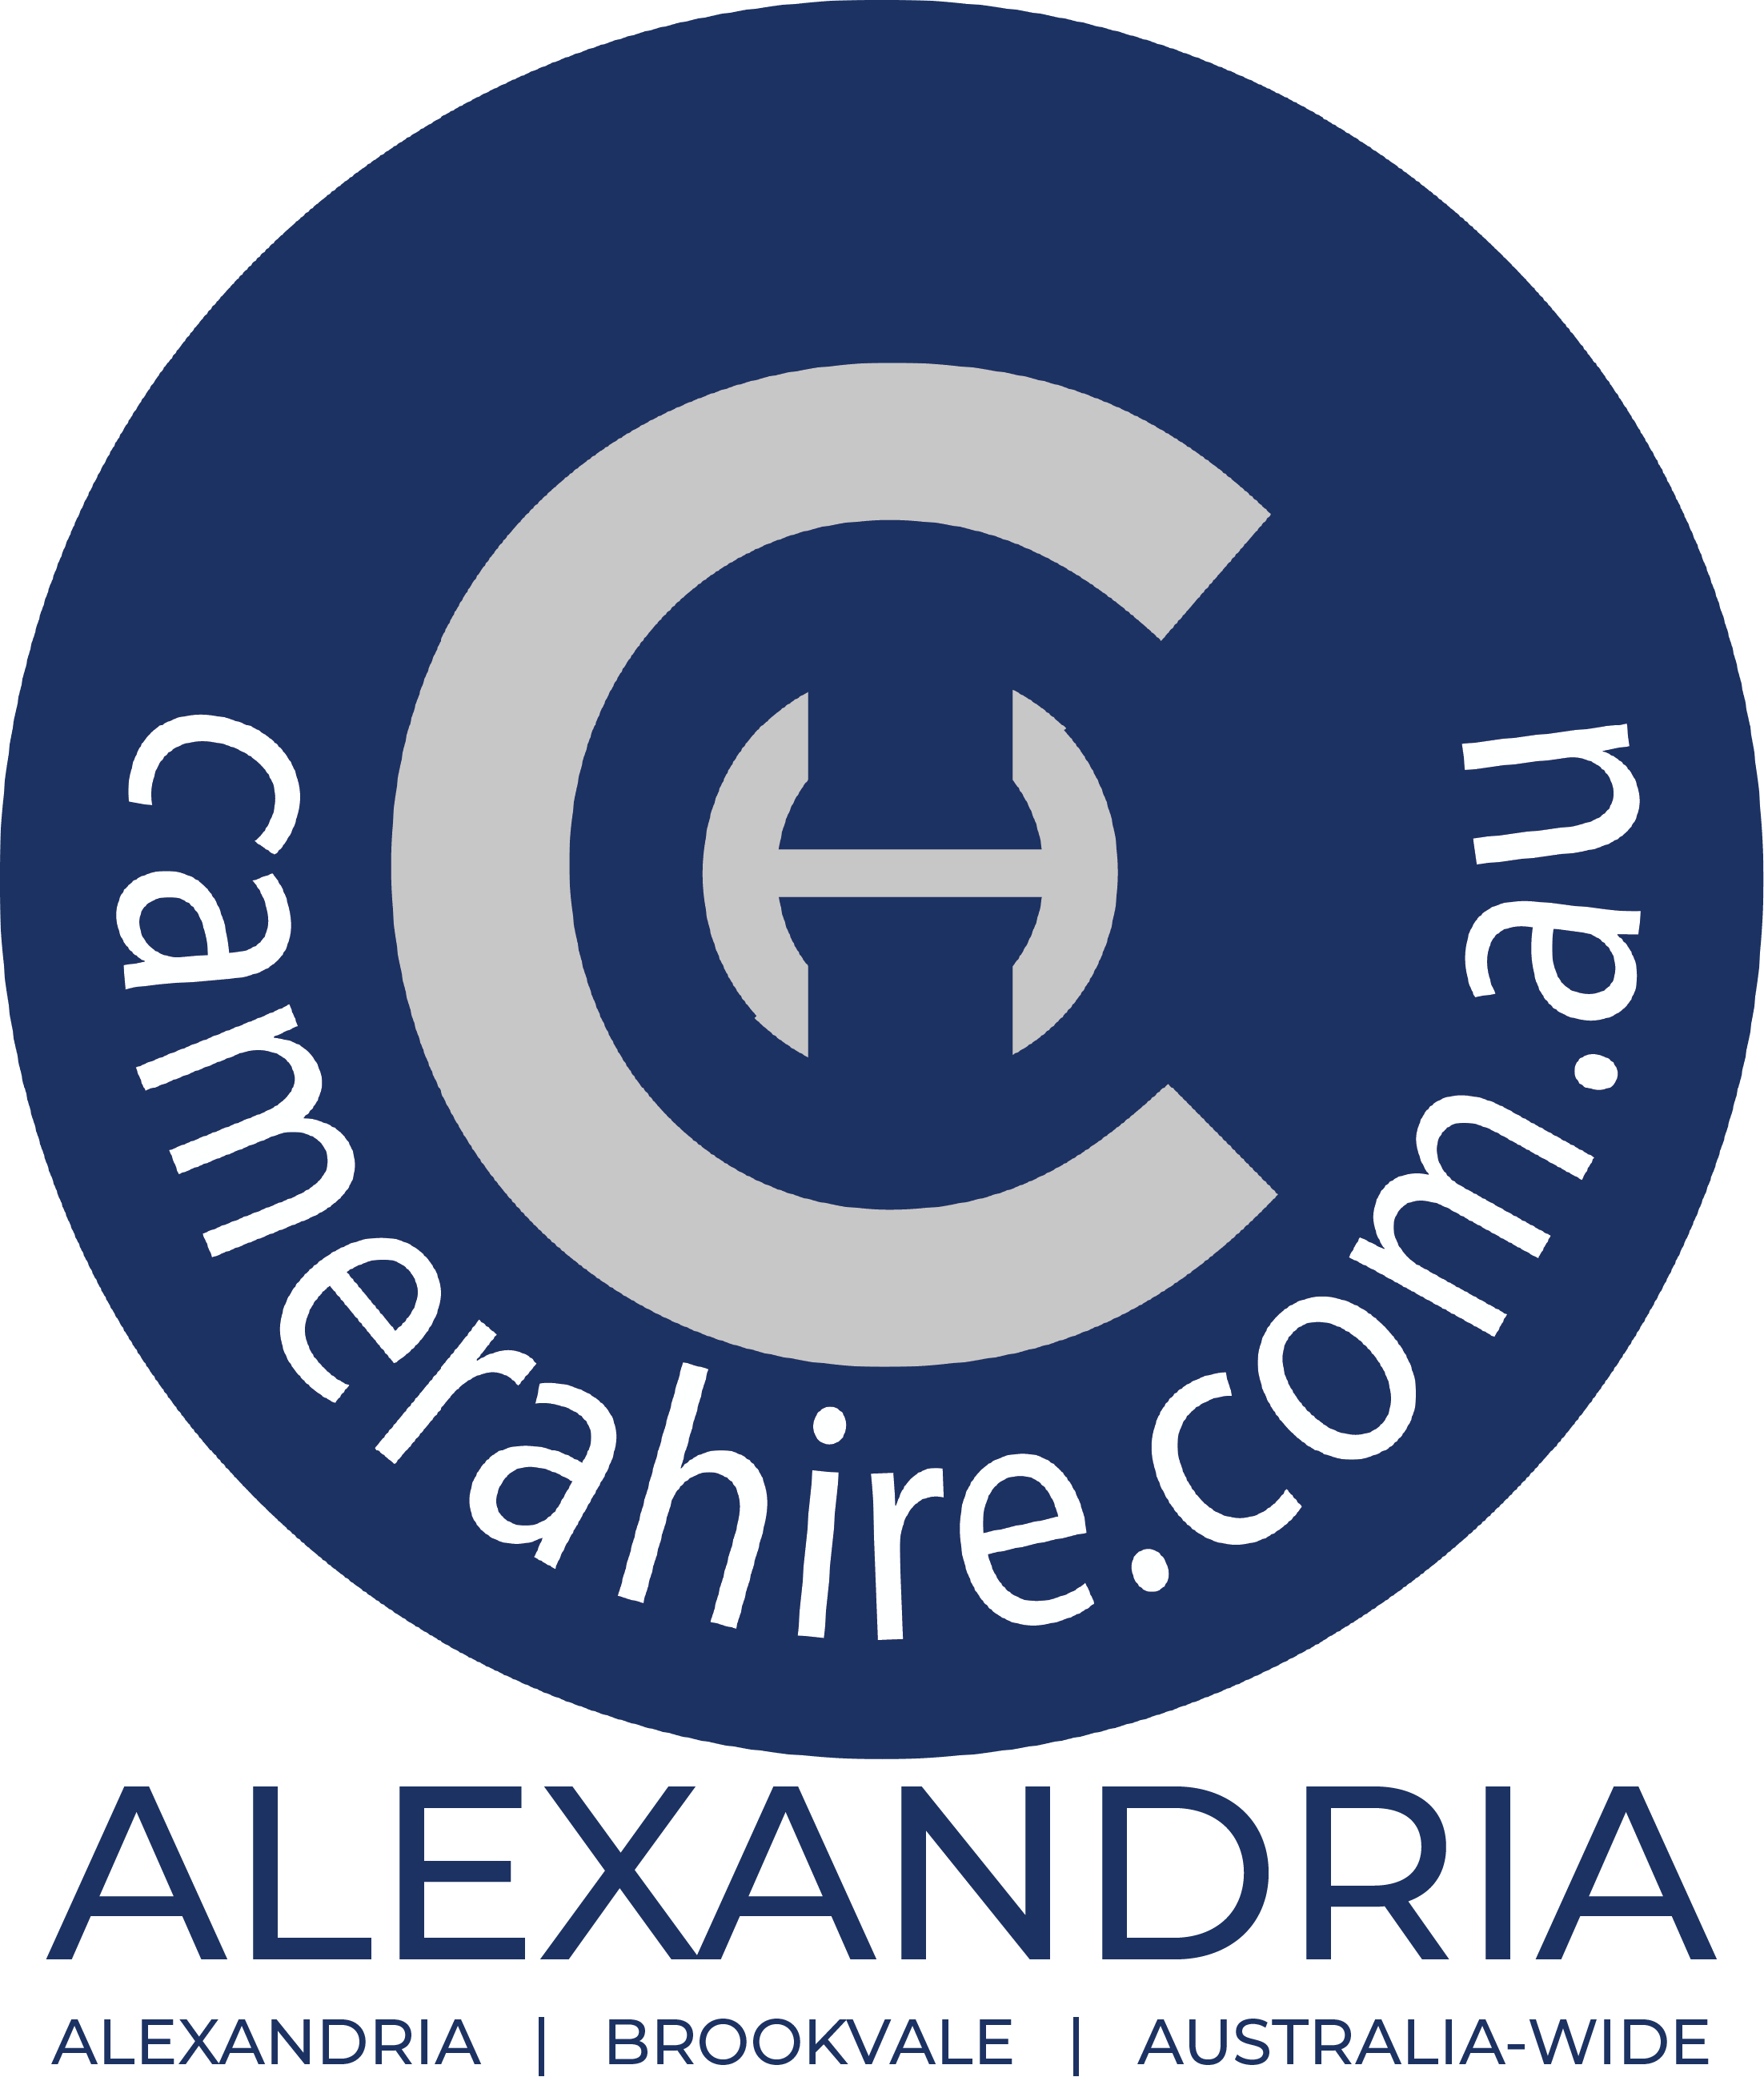 camera hire alexandria.png